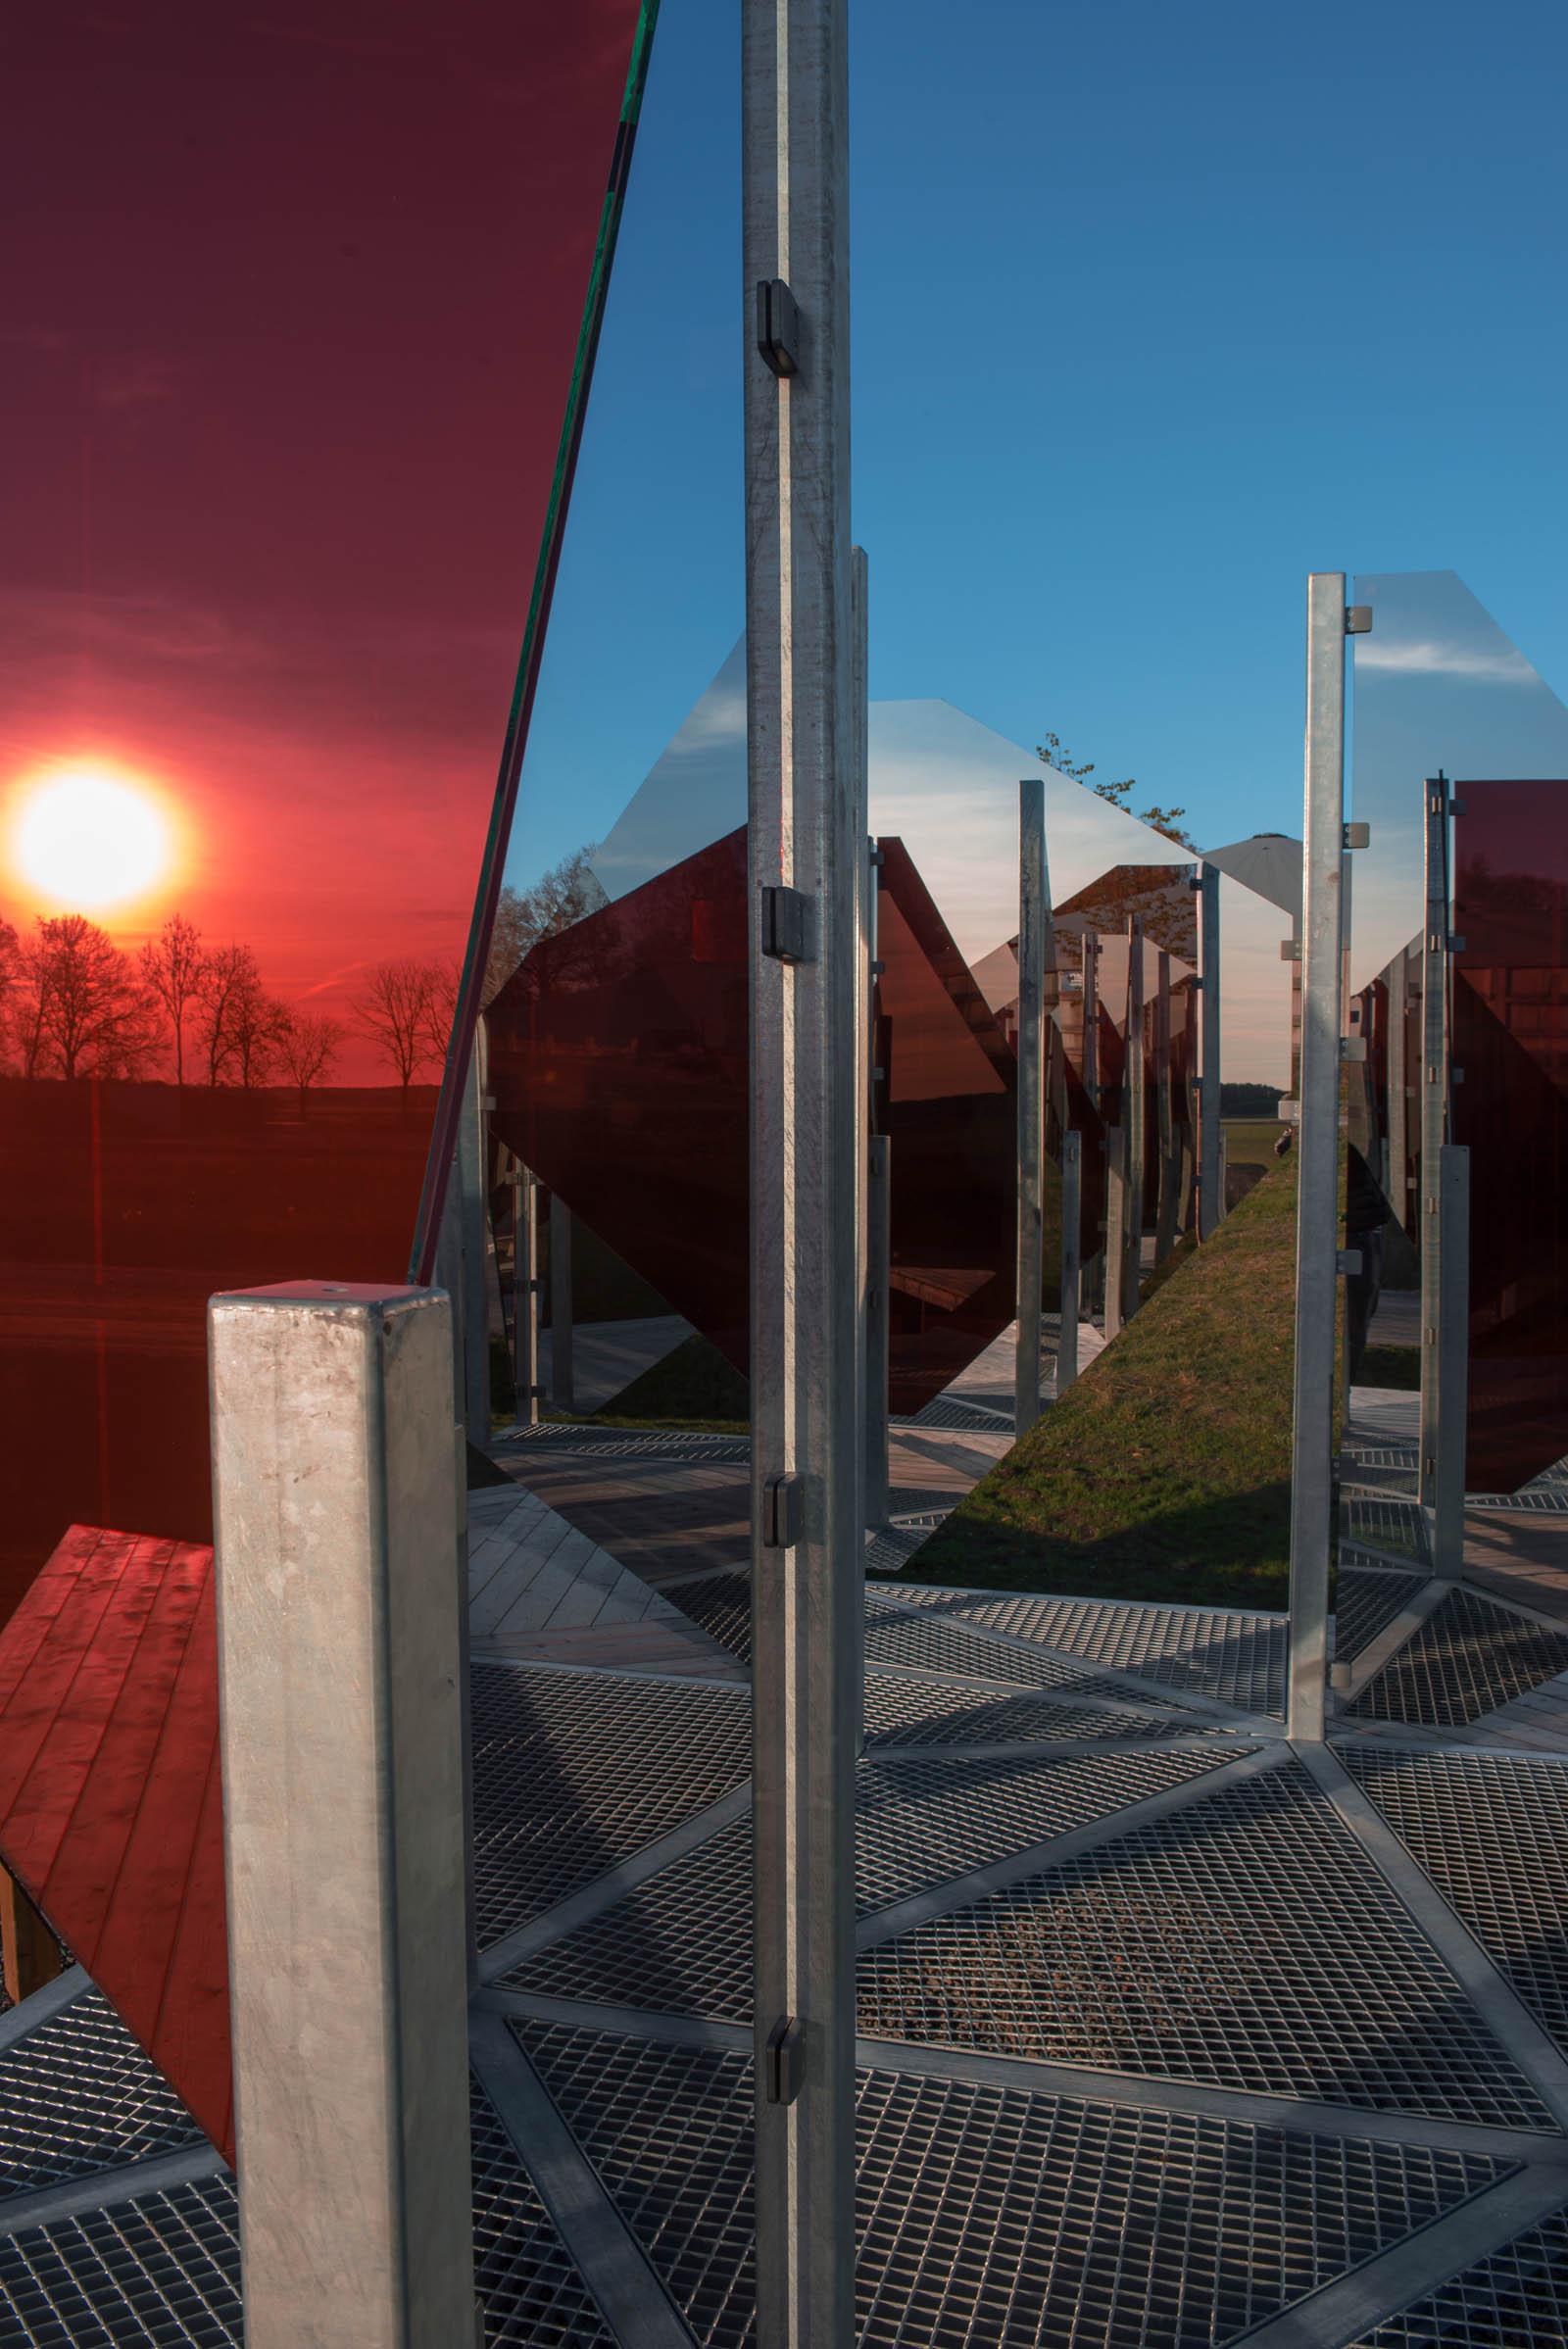 På nära håll skapas en mosaik av speglingar. Även den sjunkande solen fångas av glaset. Patrik Aarnivaara, Tidsglänta, 2013.